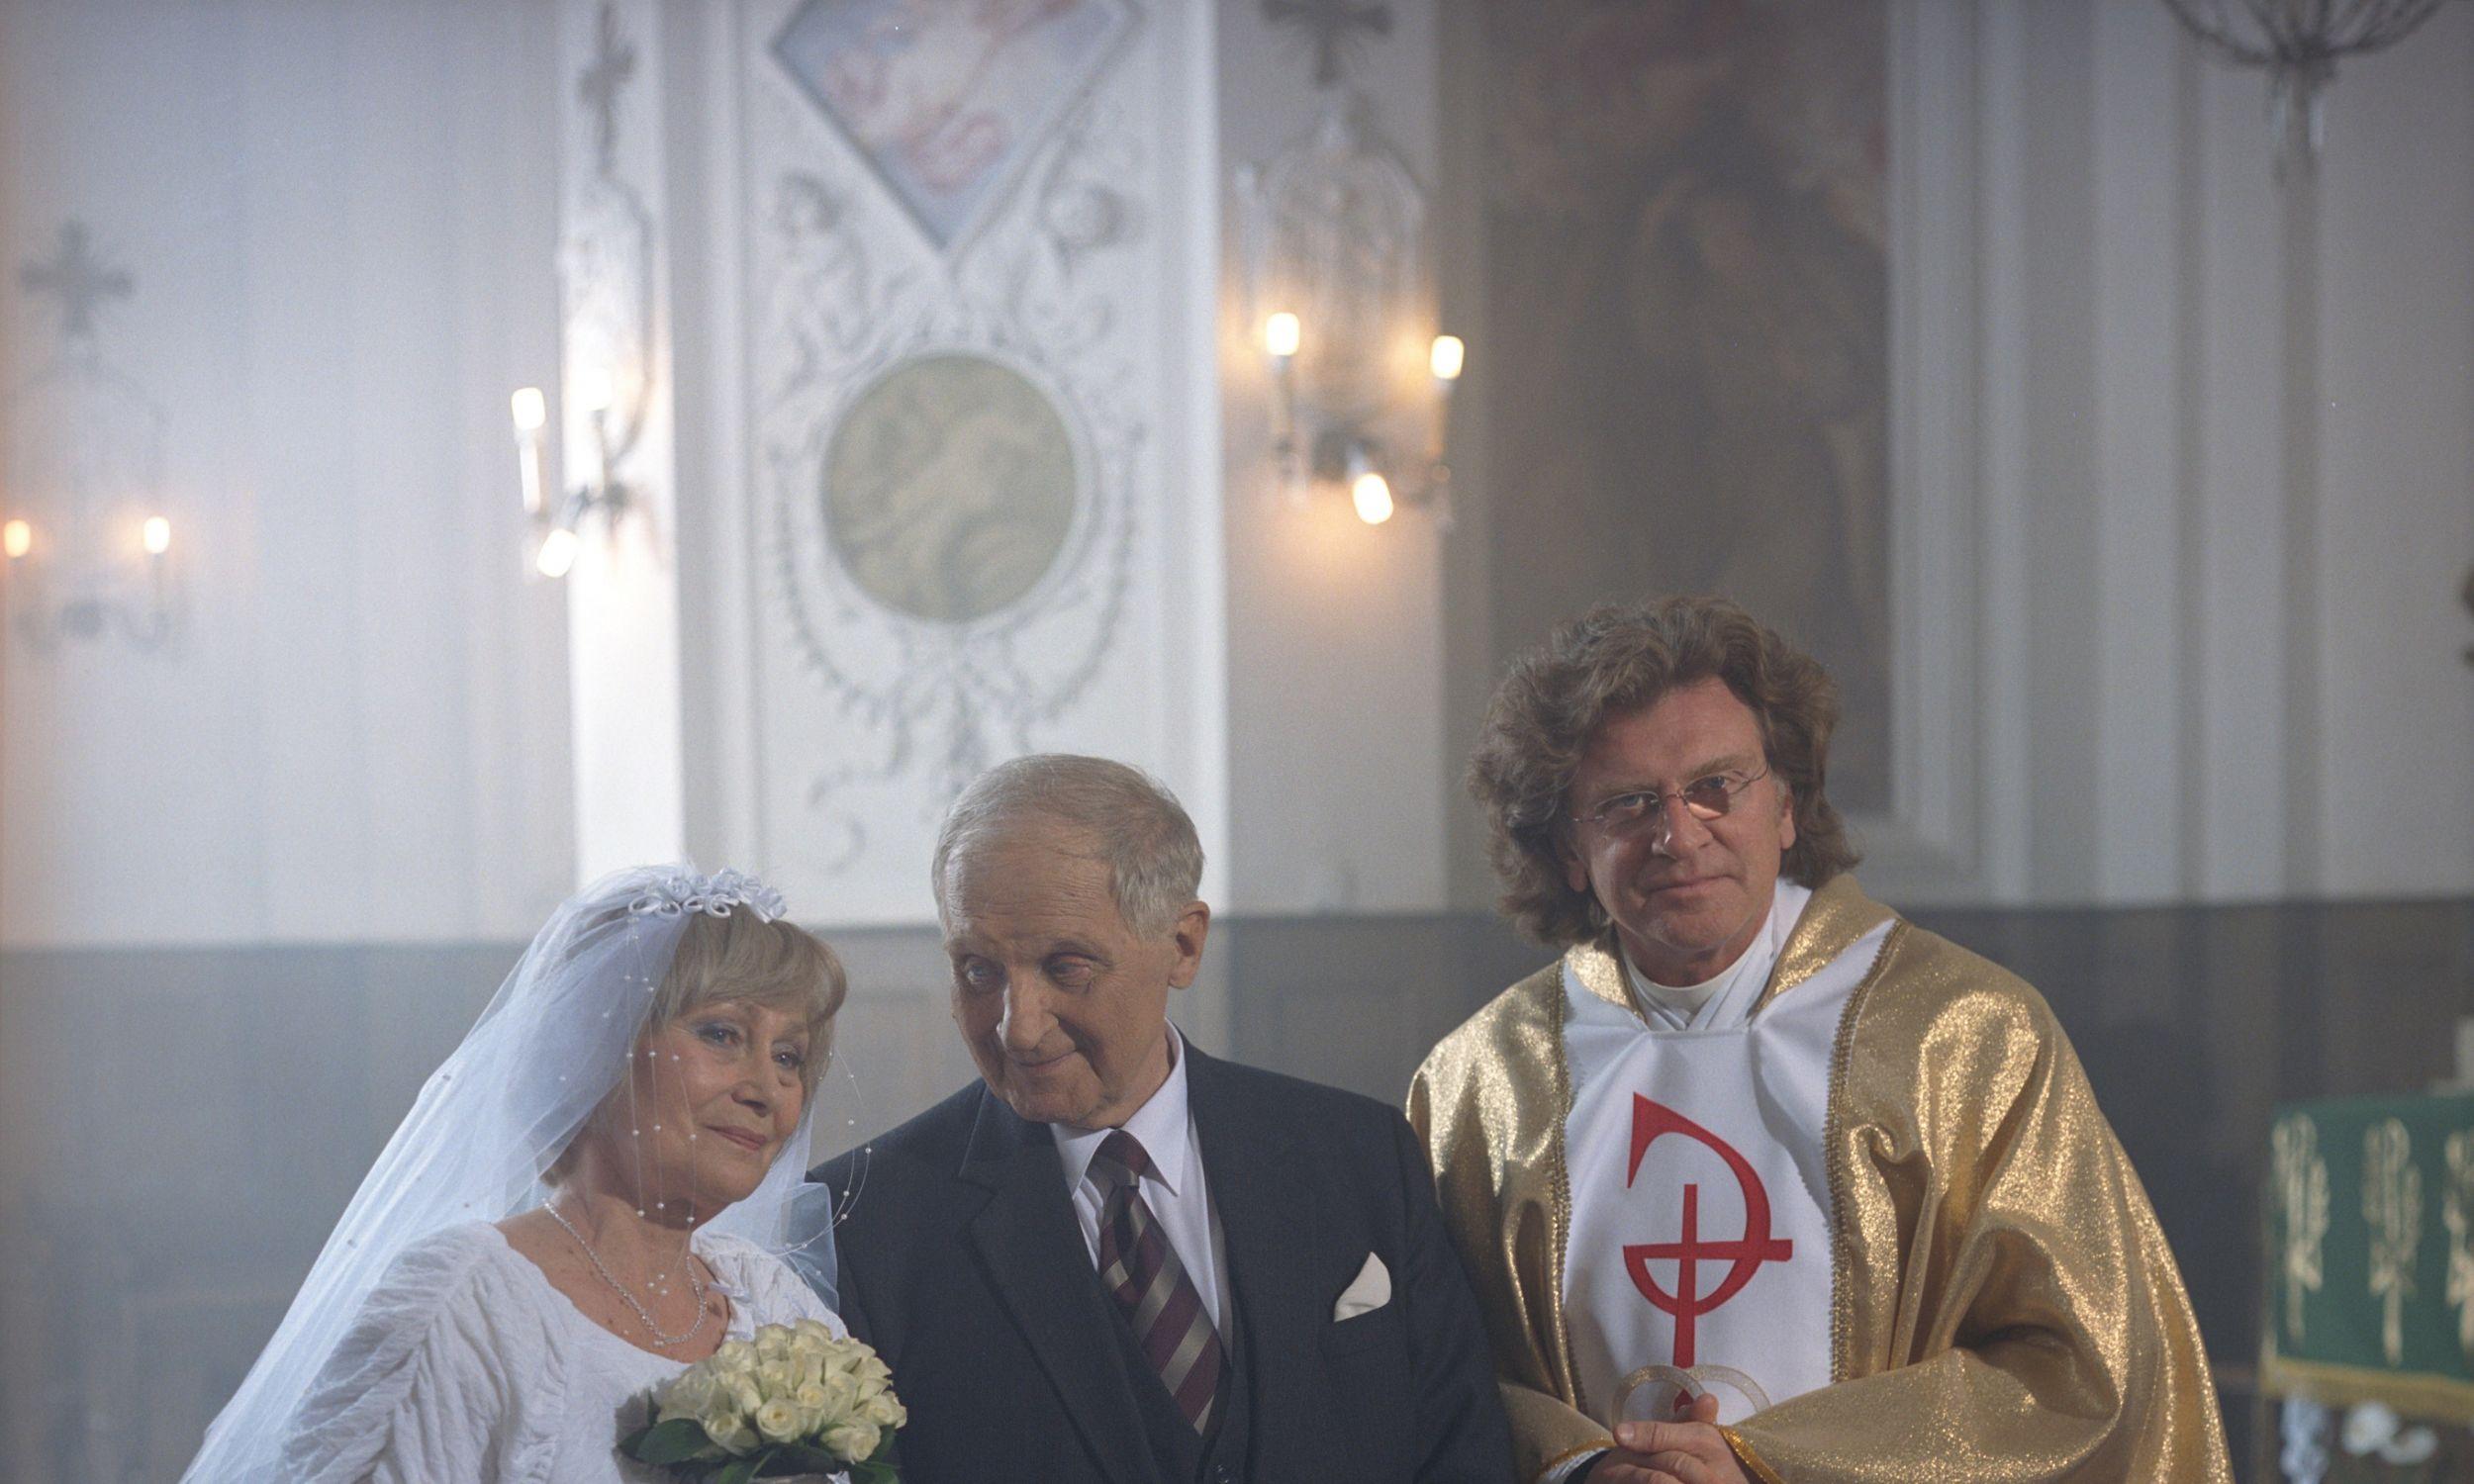 """Kadr z serialu """"Klan"""", czerwiec 2002 r. Na zdjęciu: Kazimiera Utrata, Zygmunt Kęstowicz i Zbigniew Wodecki. Fot. Anna Radzko /TVP"""